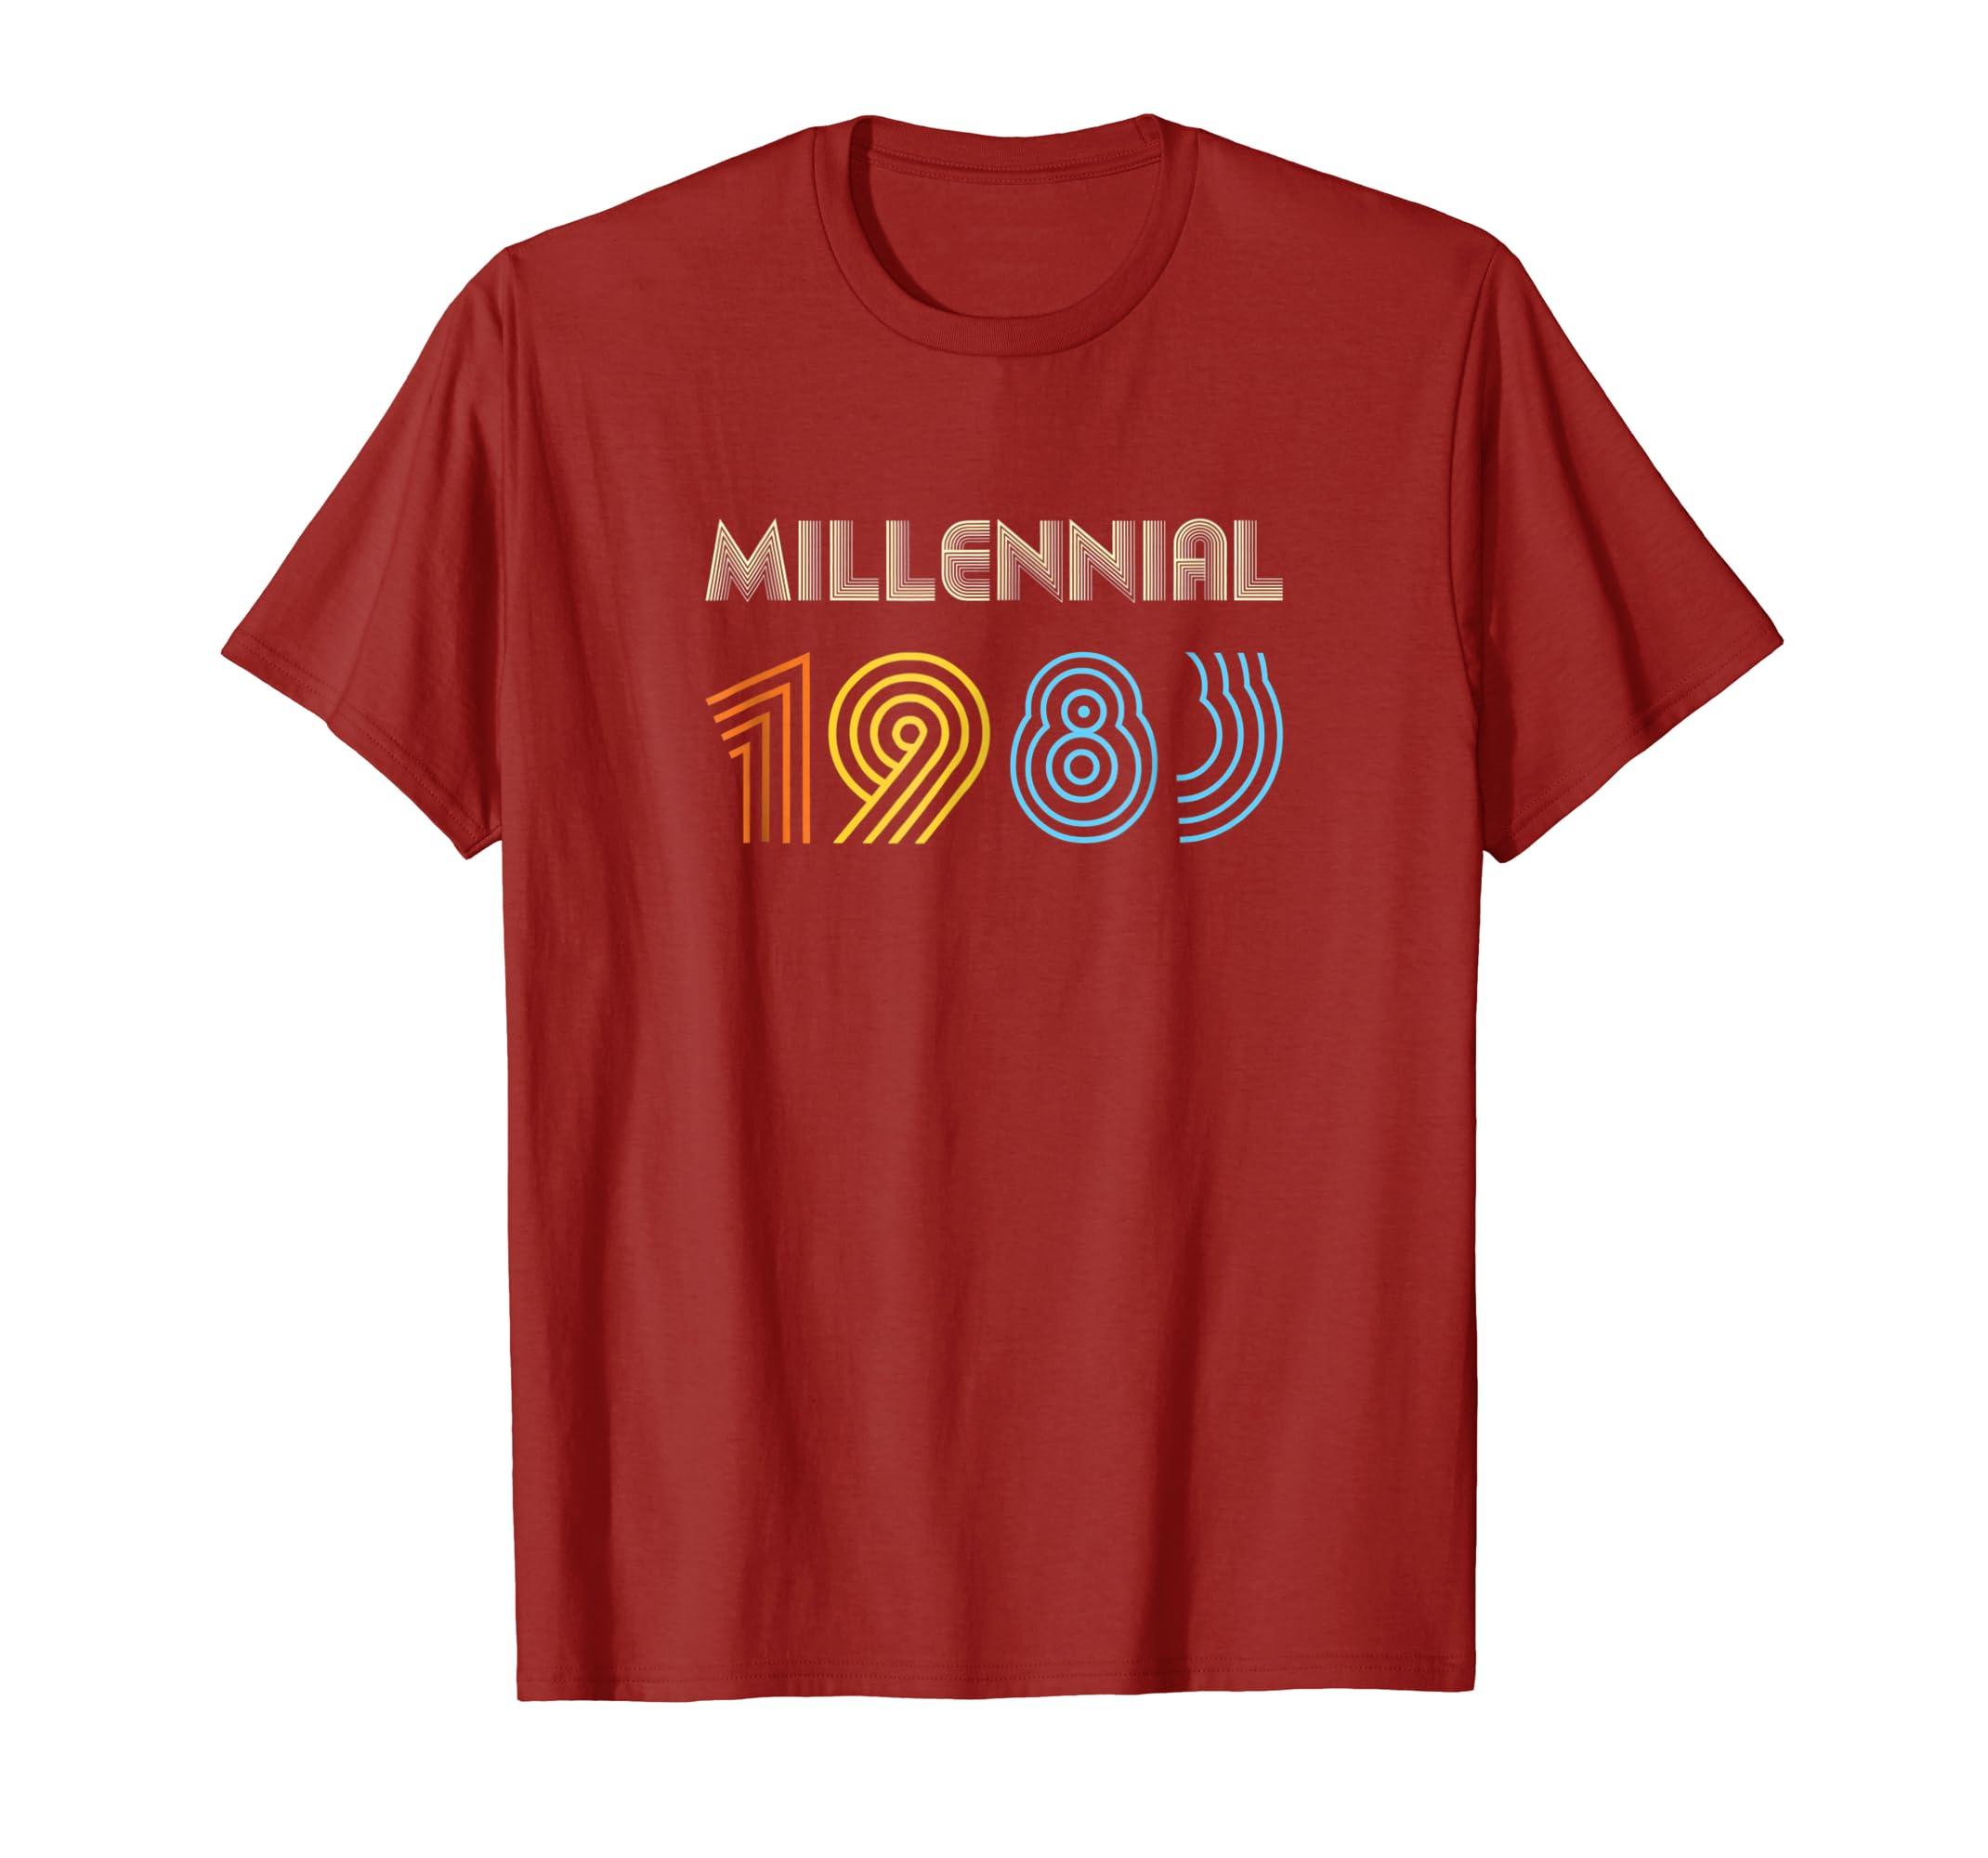 Xeire Millennial Born in 1983 Birthday Gift Shirt-SFL